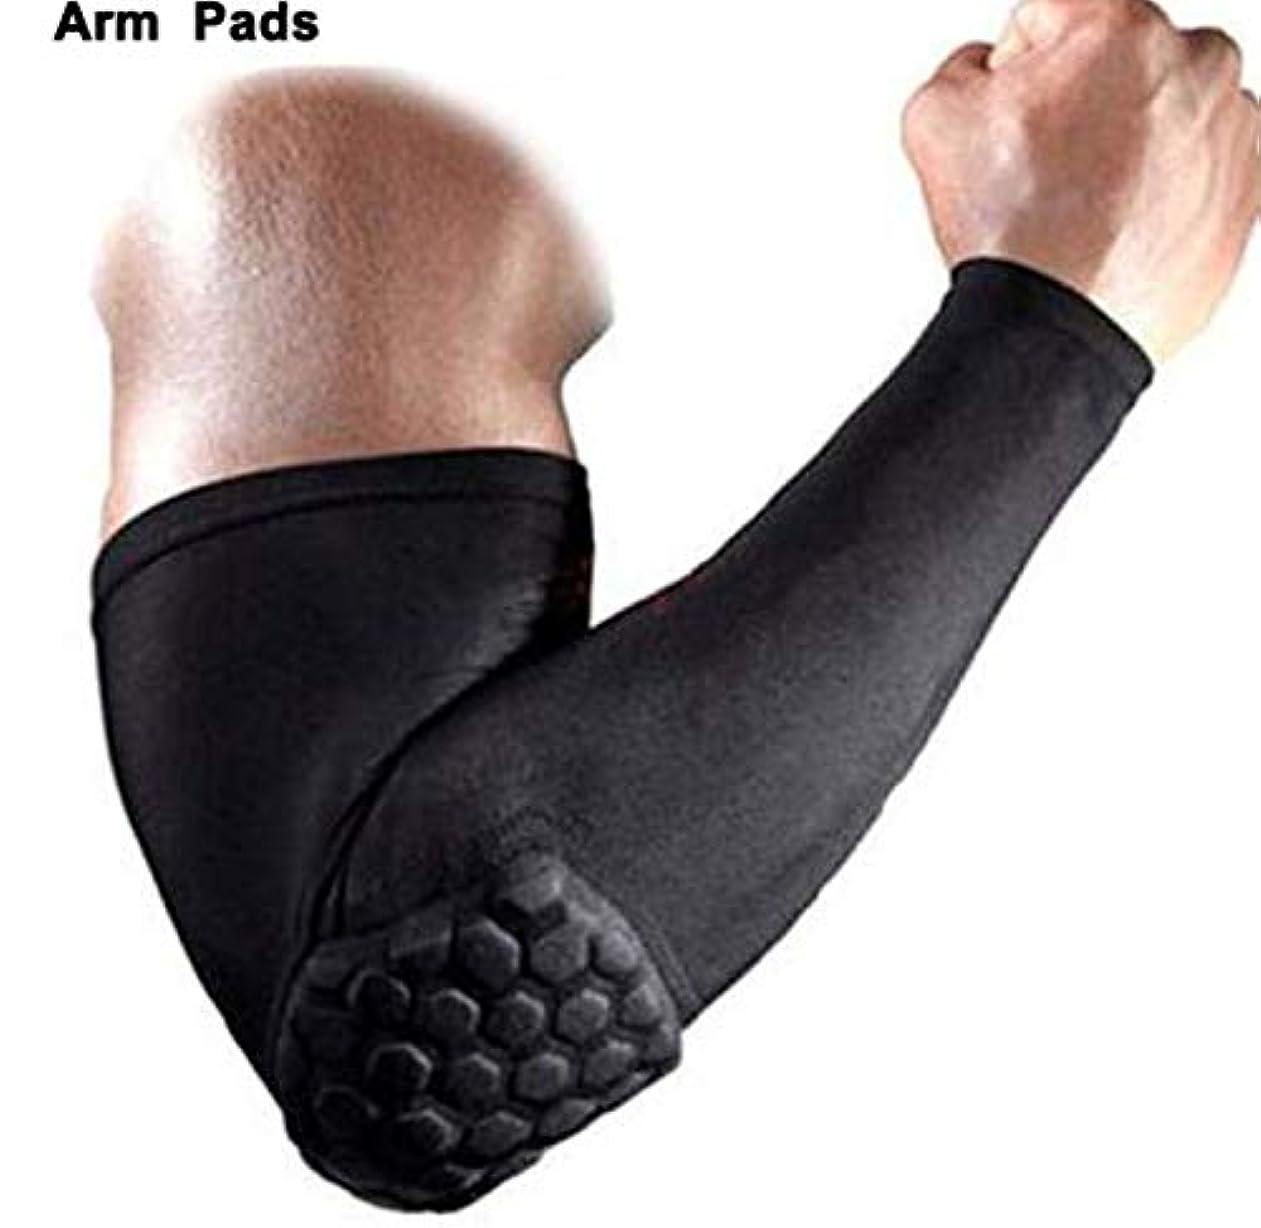 仮装毛細血管リクルートFidgetGear 膝パッド圧縮拡張サポートレッグスリーブHexpad保護Hex ハンドブラック